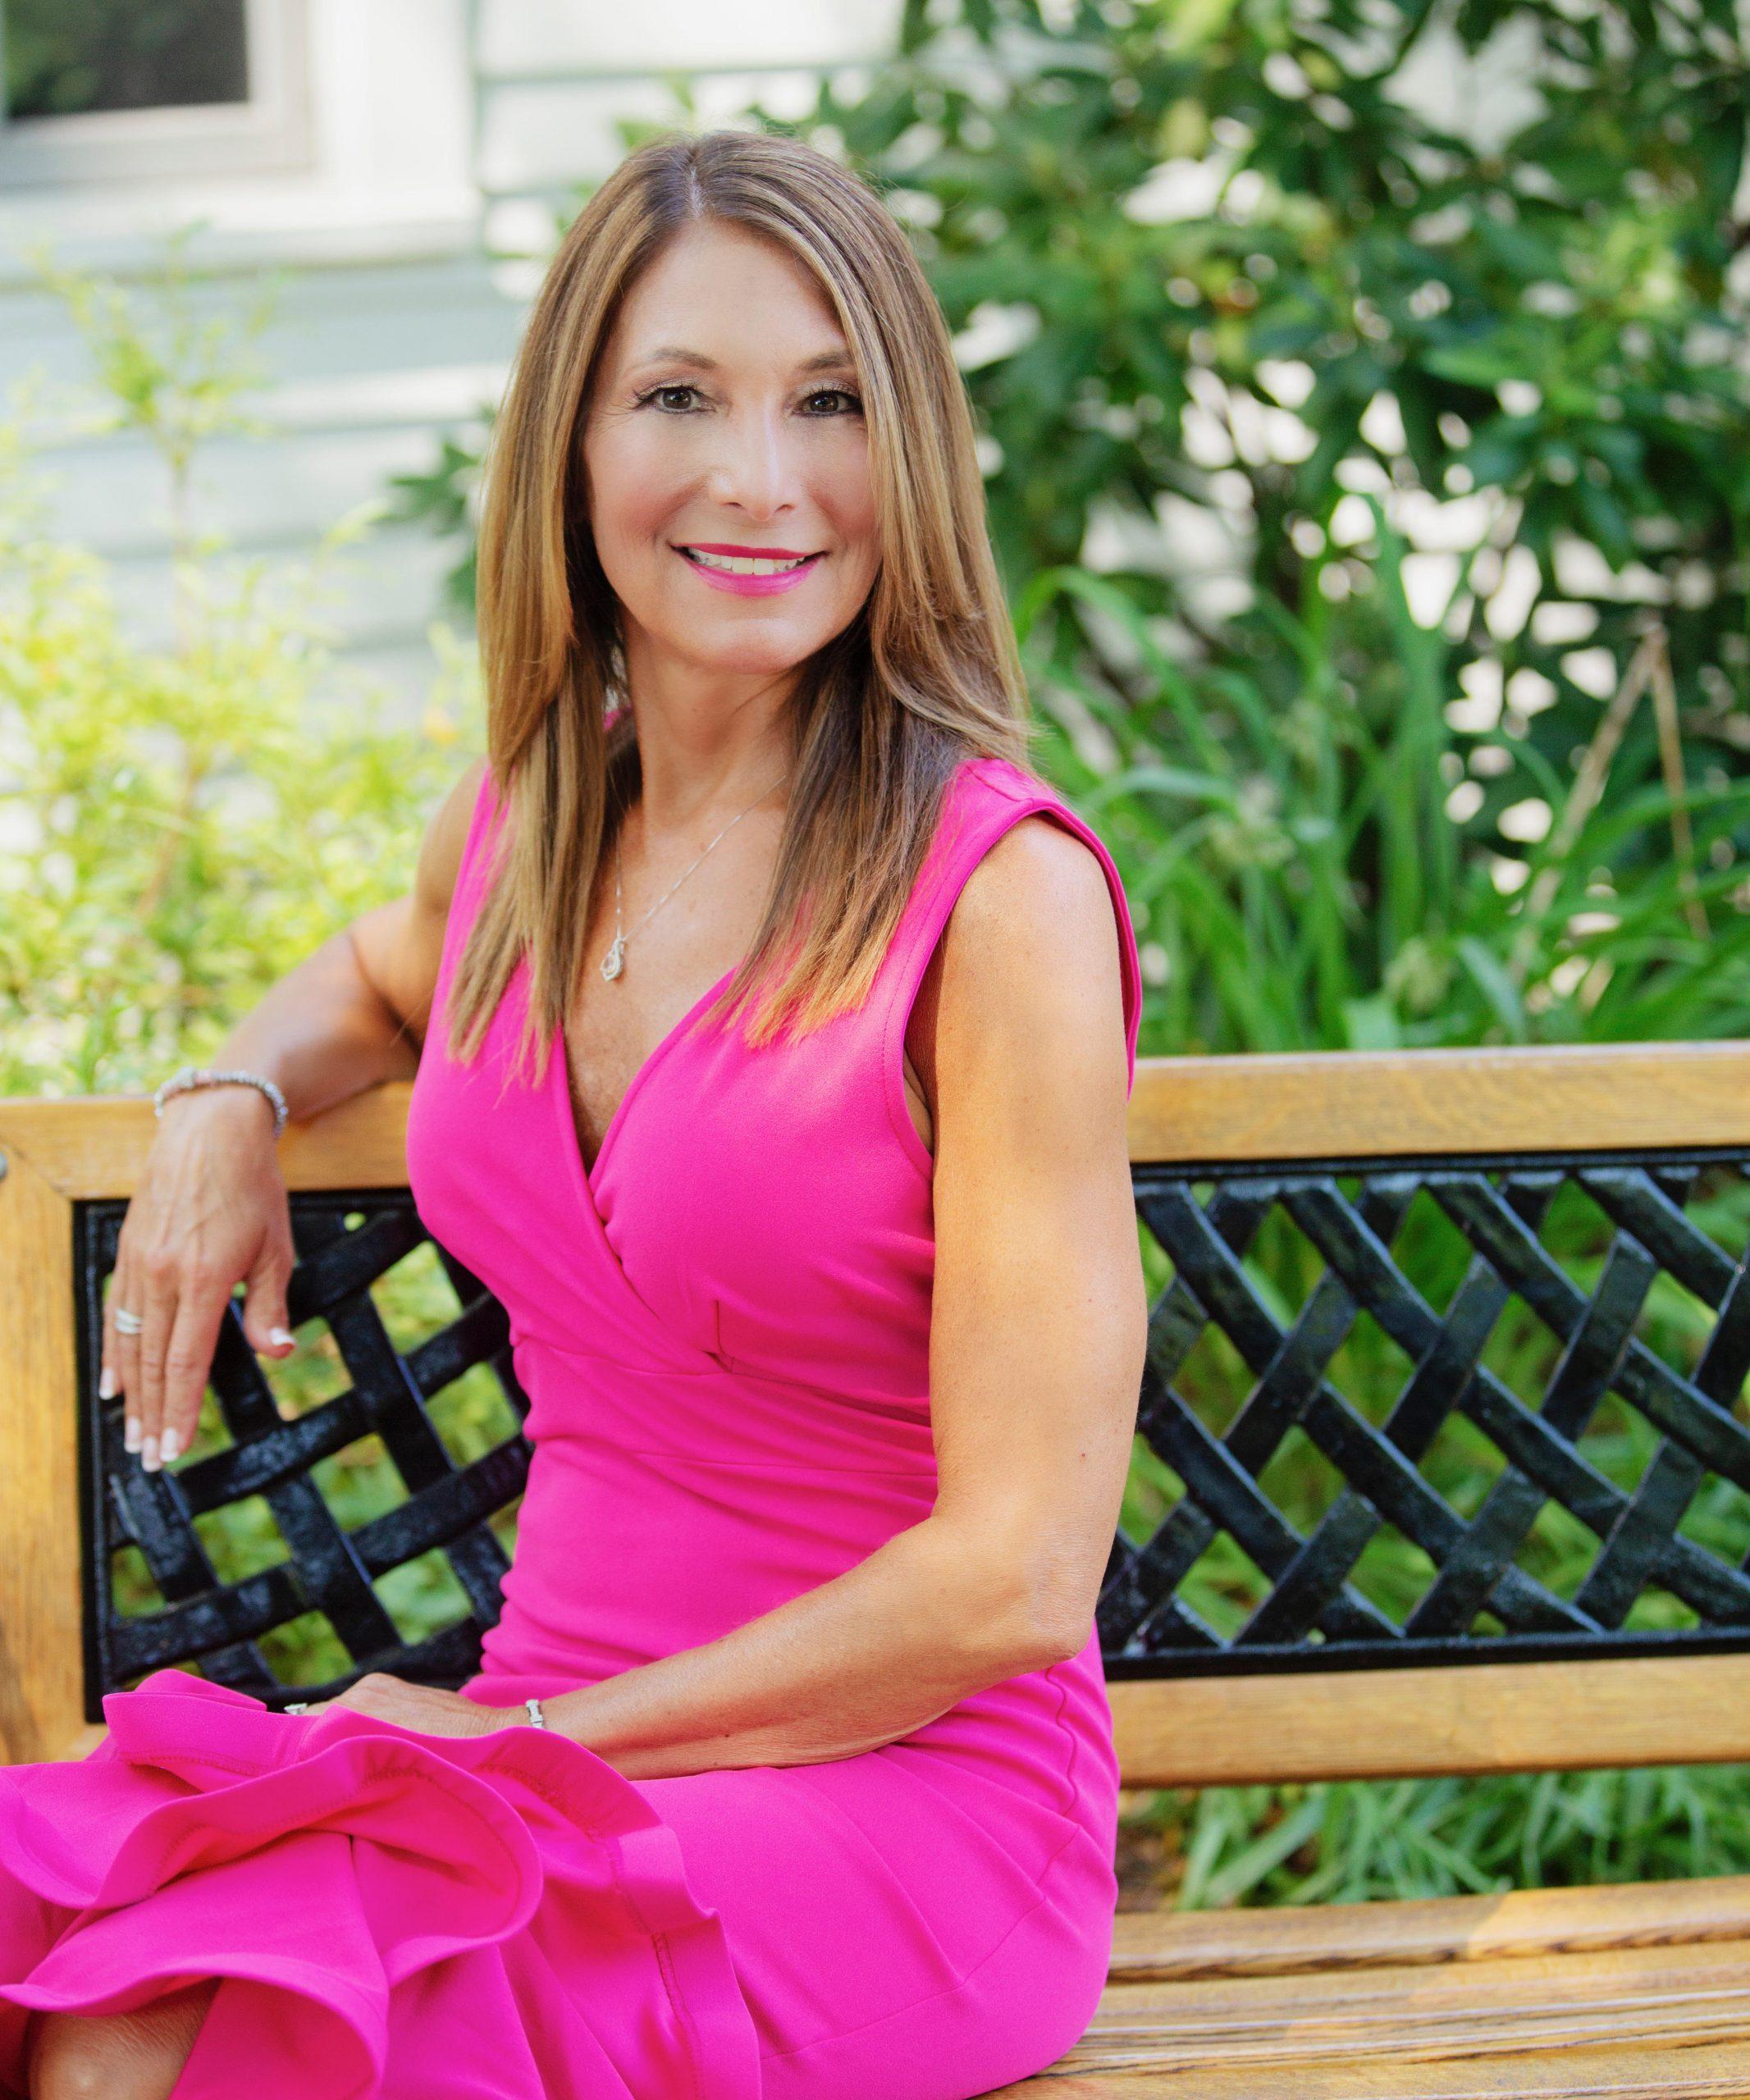 Linda Zurich